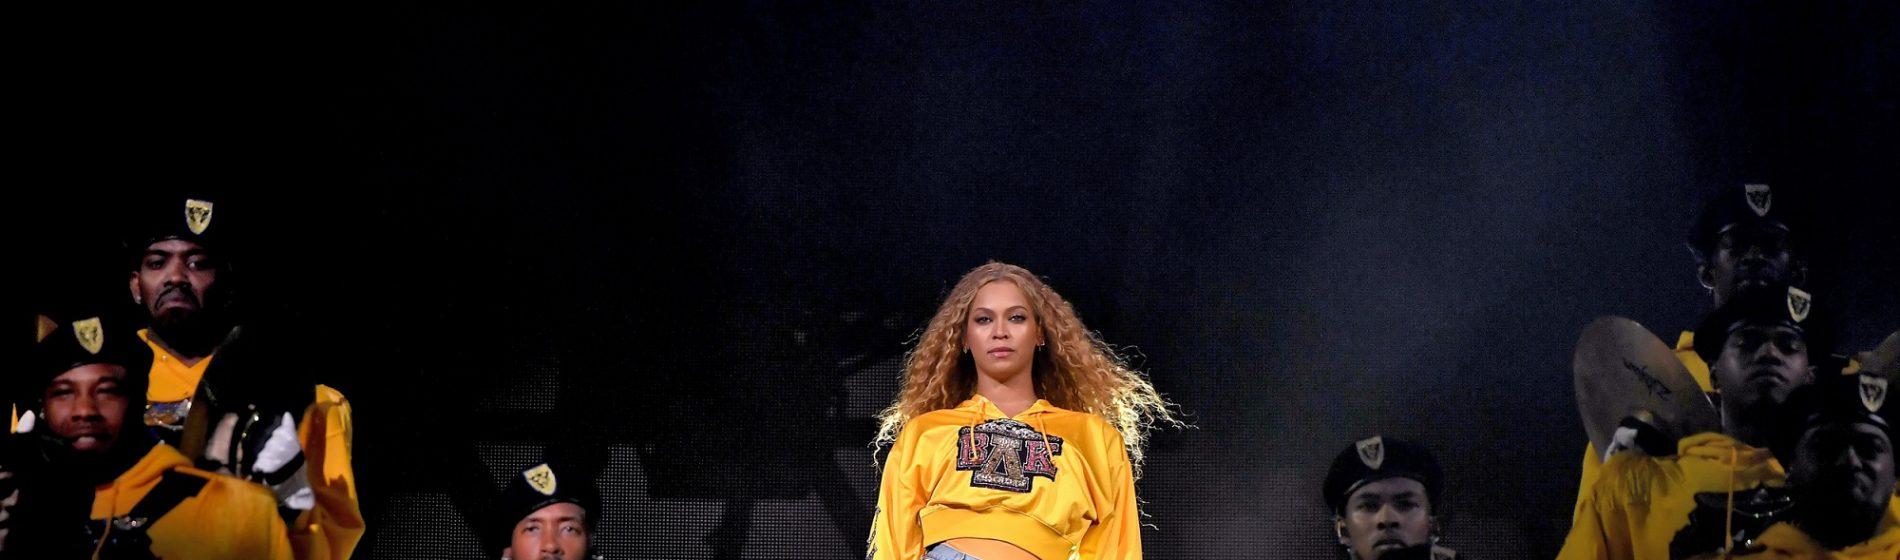 Homecoming Beyoncé